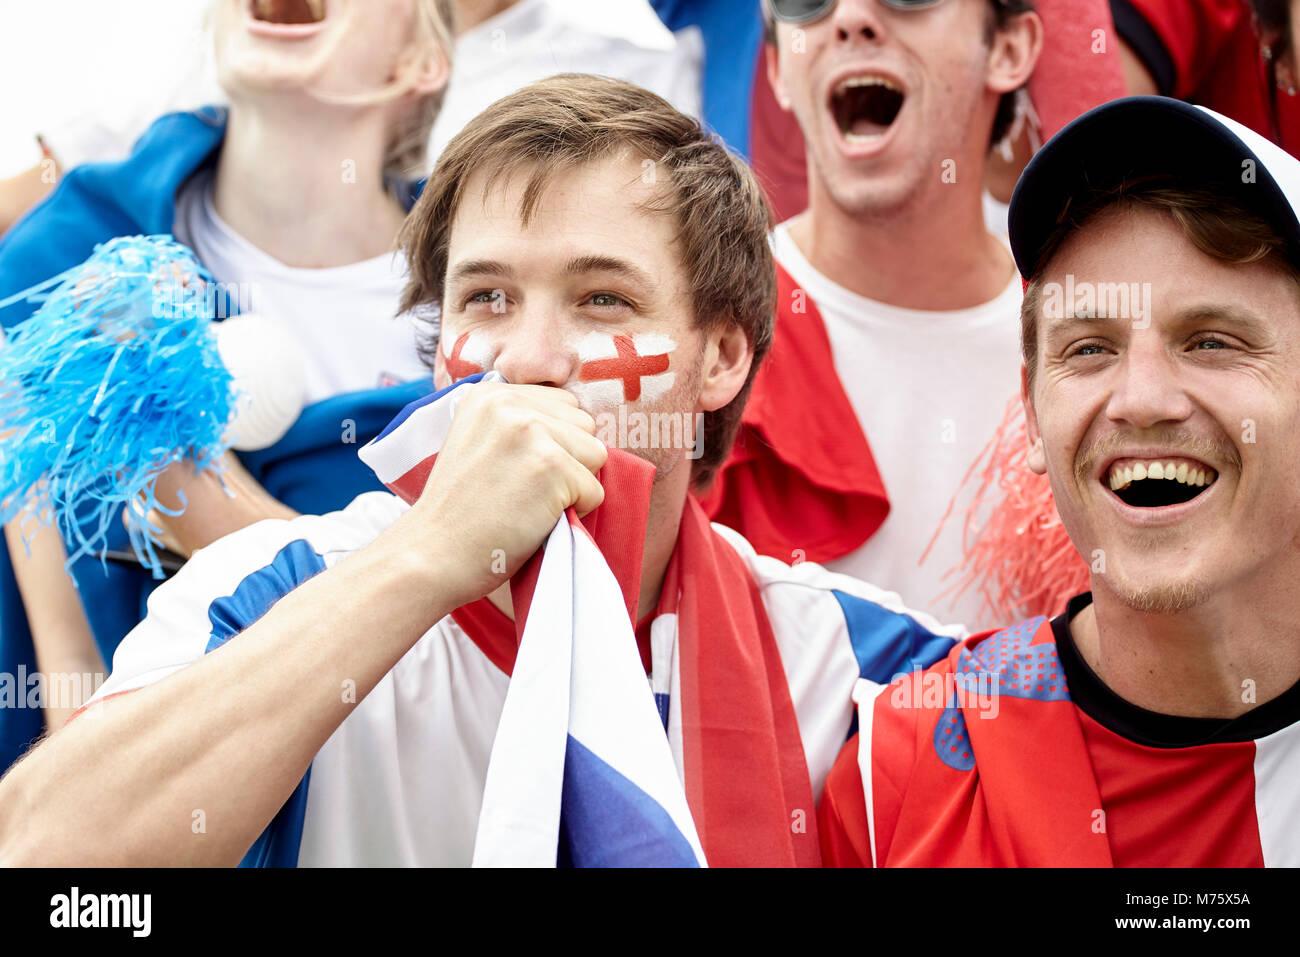 Britische Fußball-Fans Spaß bei Match Stockbild